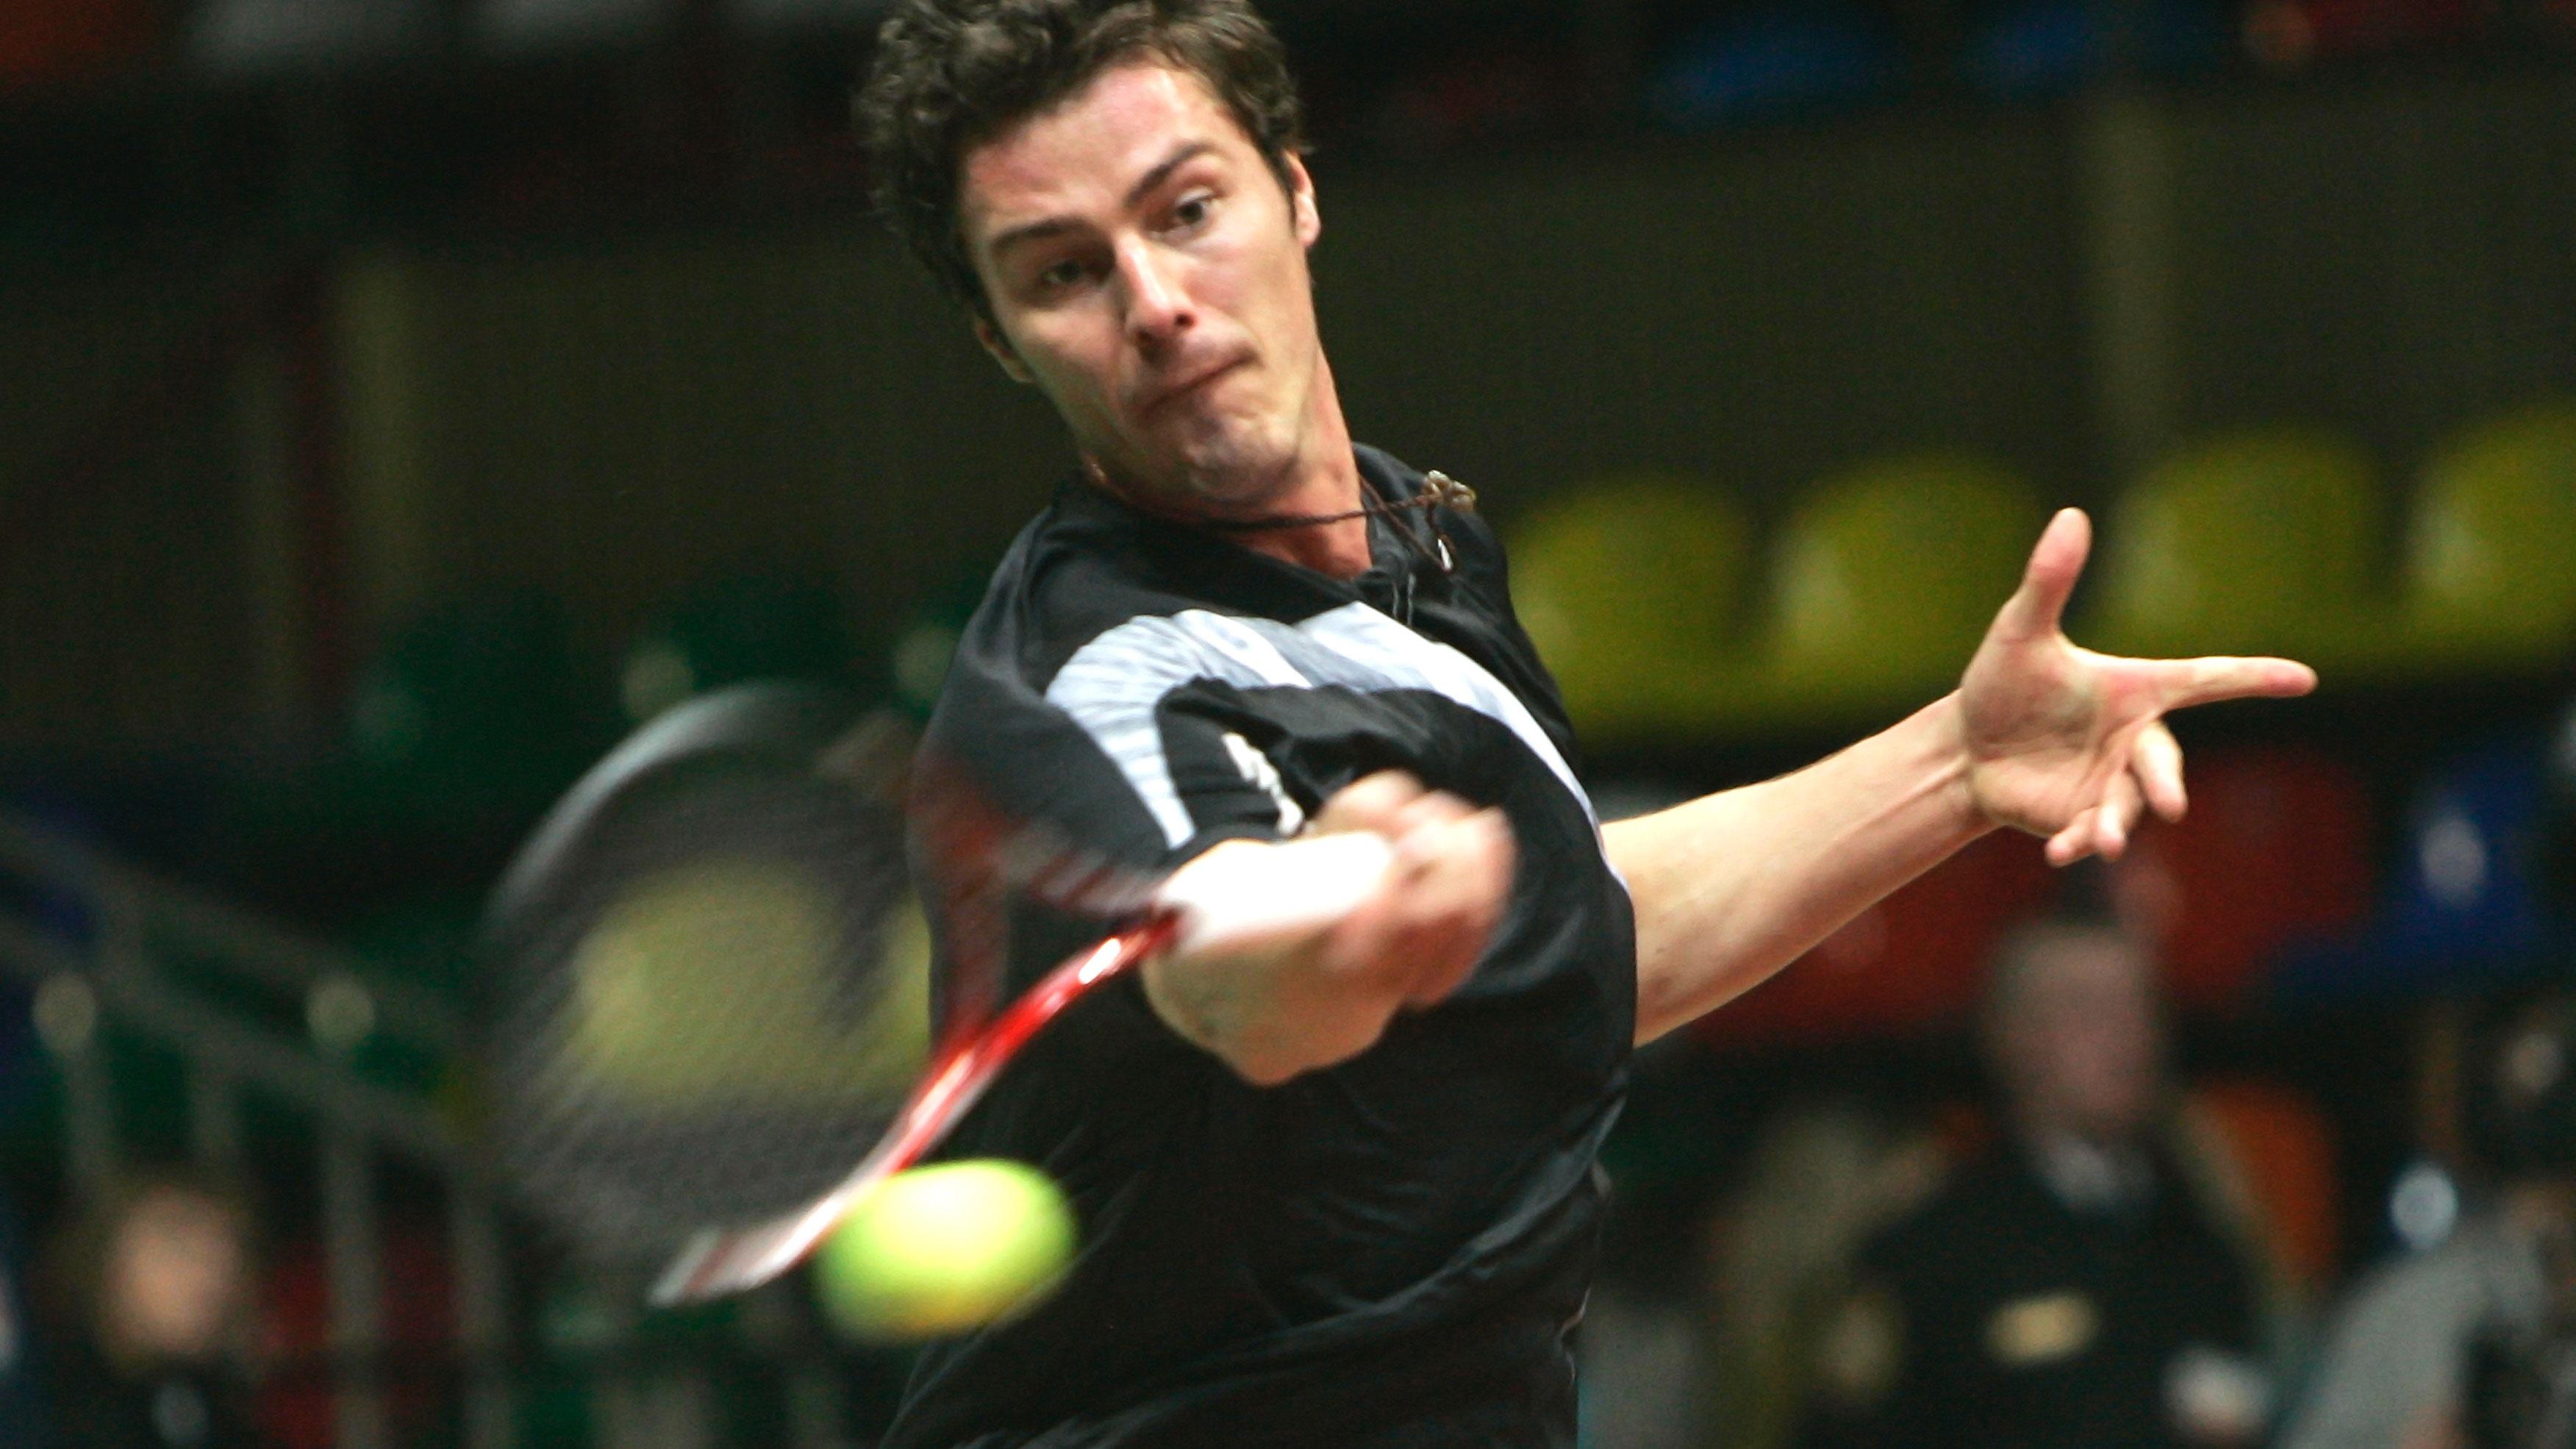 Сафин одолел Надаля в виртуальном турнире чемпионов US Open